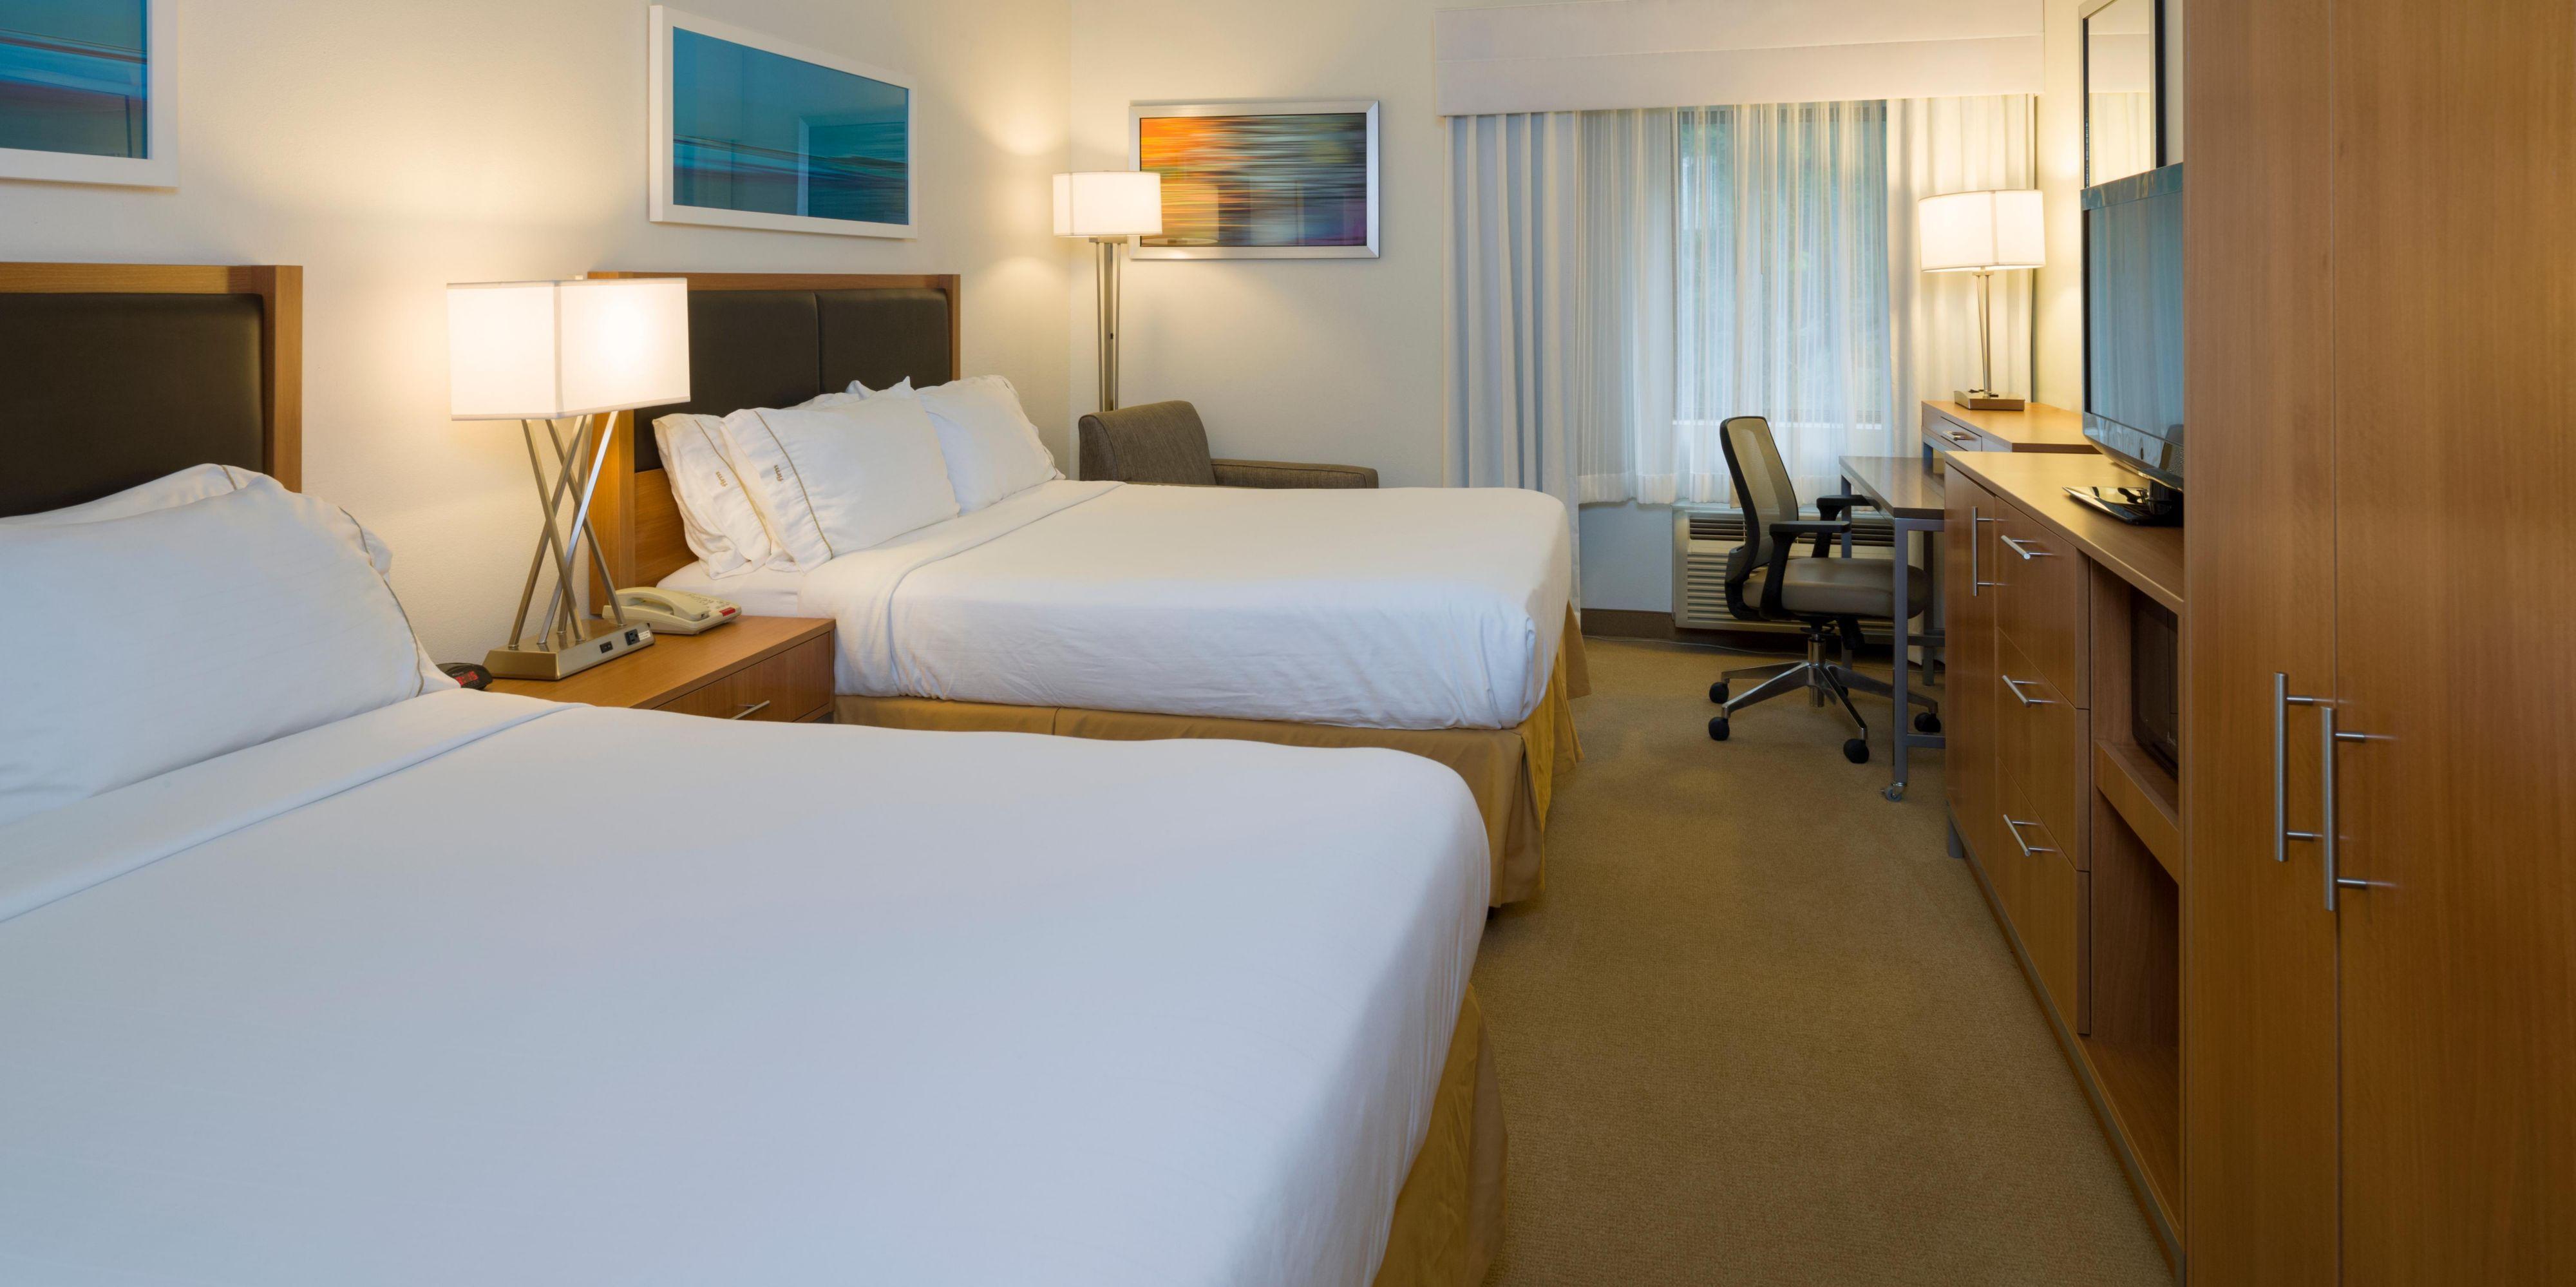 Holiday Inn Express Hummelstown 4109214947 2x1